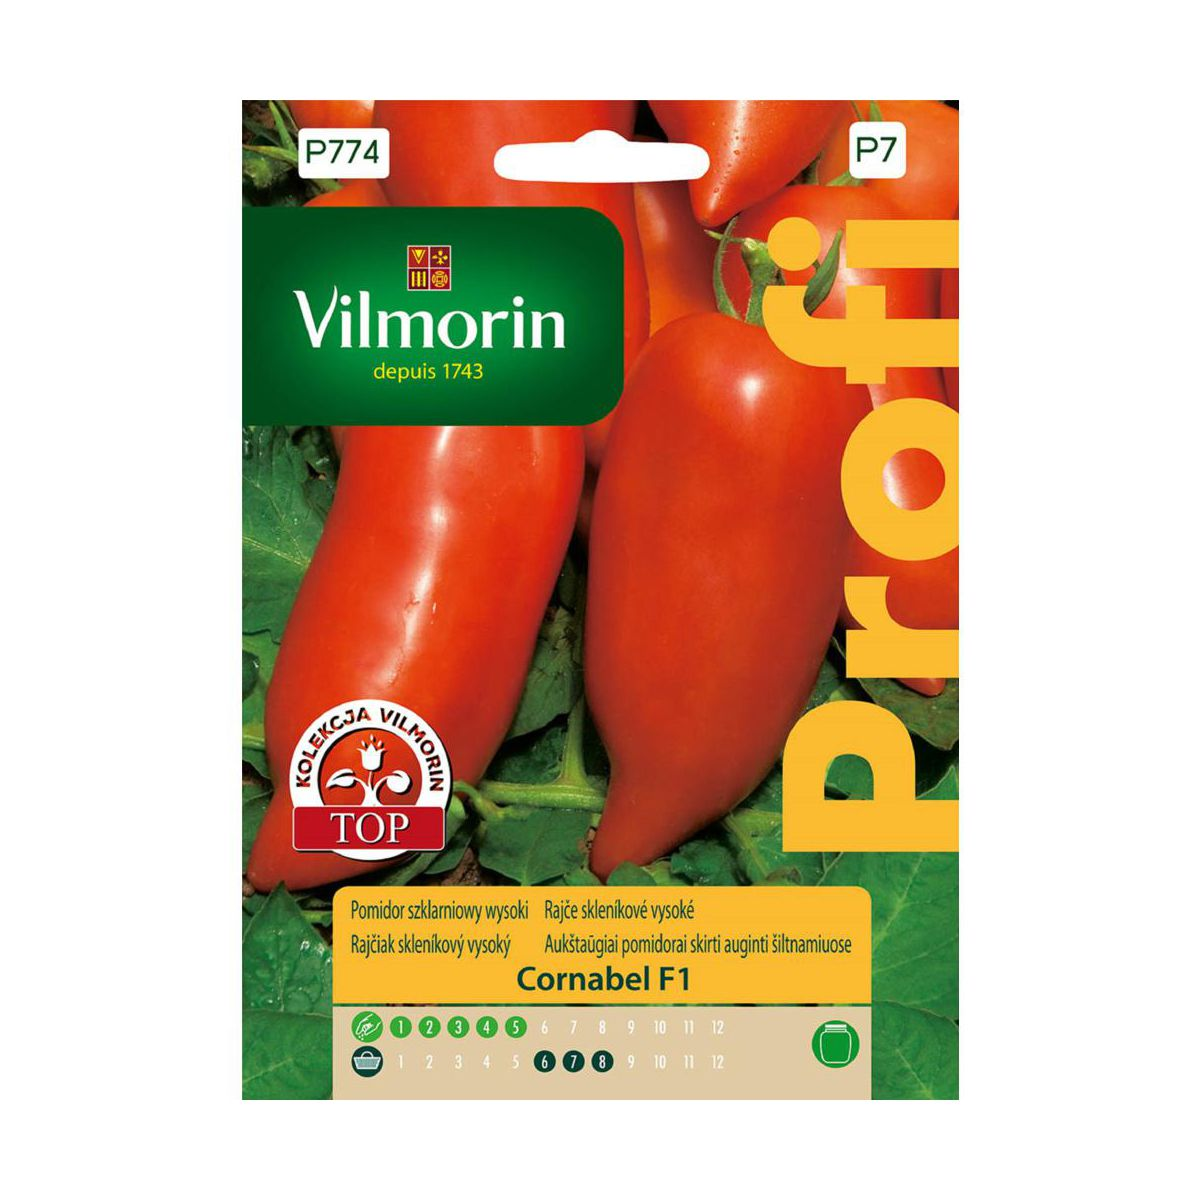 Pomidor szklarniowy wysoki CORNABEL F1 nasiona tradycyjne 0.1 g VILMORIN